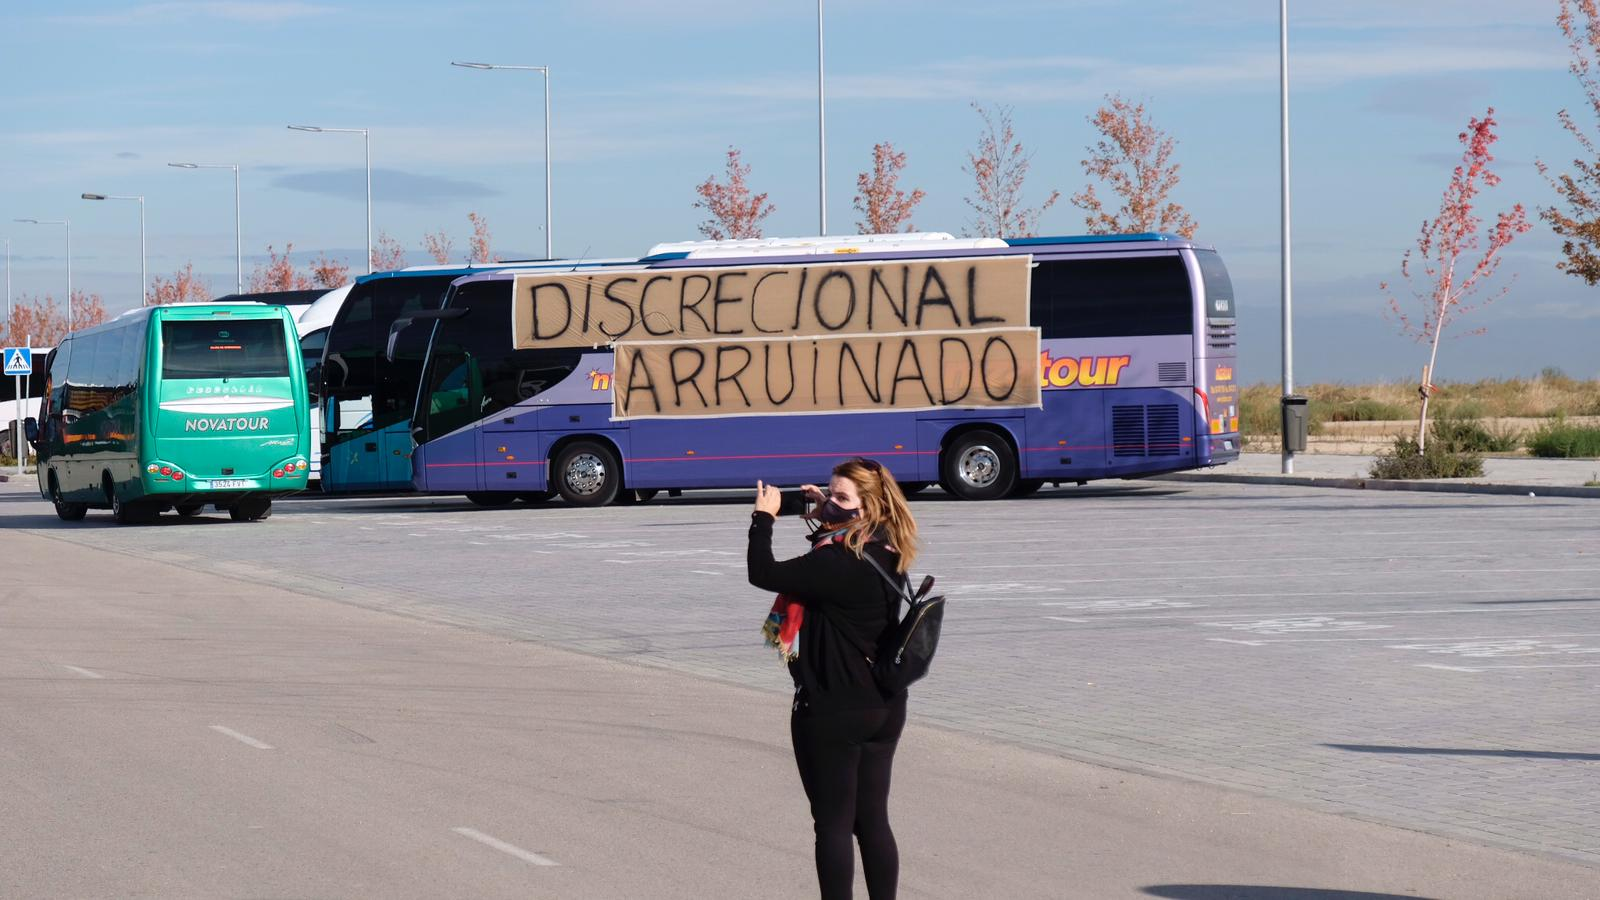 autobus-chica.jpg